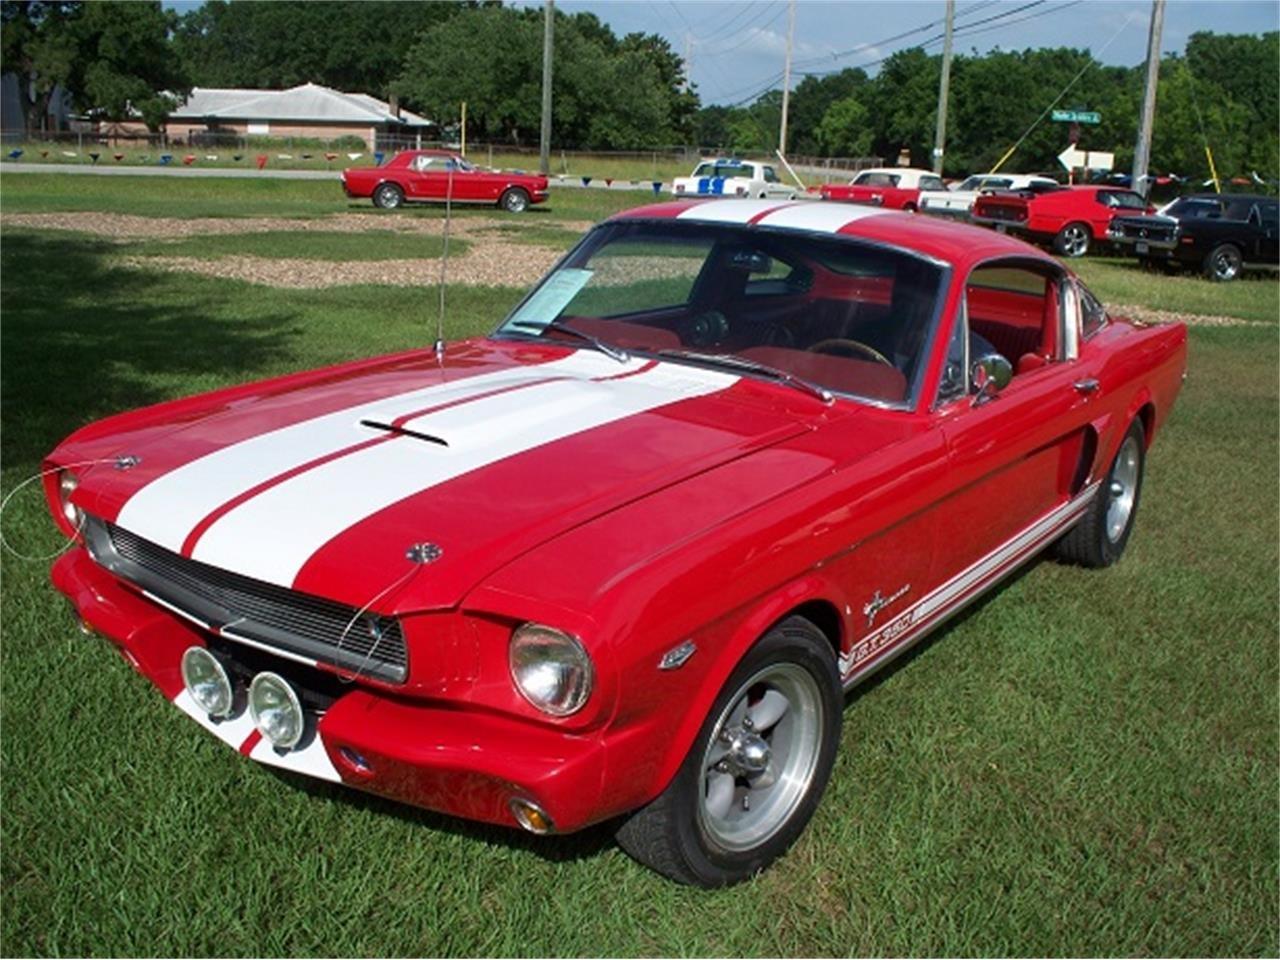 12239713-1965-ford-mustang-std.jpg.aec7d477cb77c58cc782cd4ad7352761.jpg